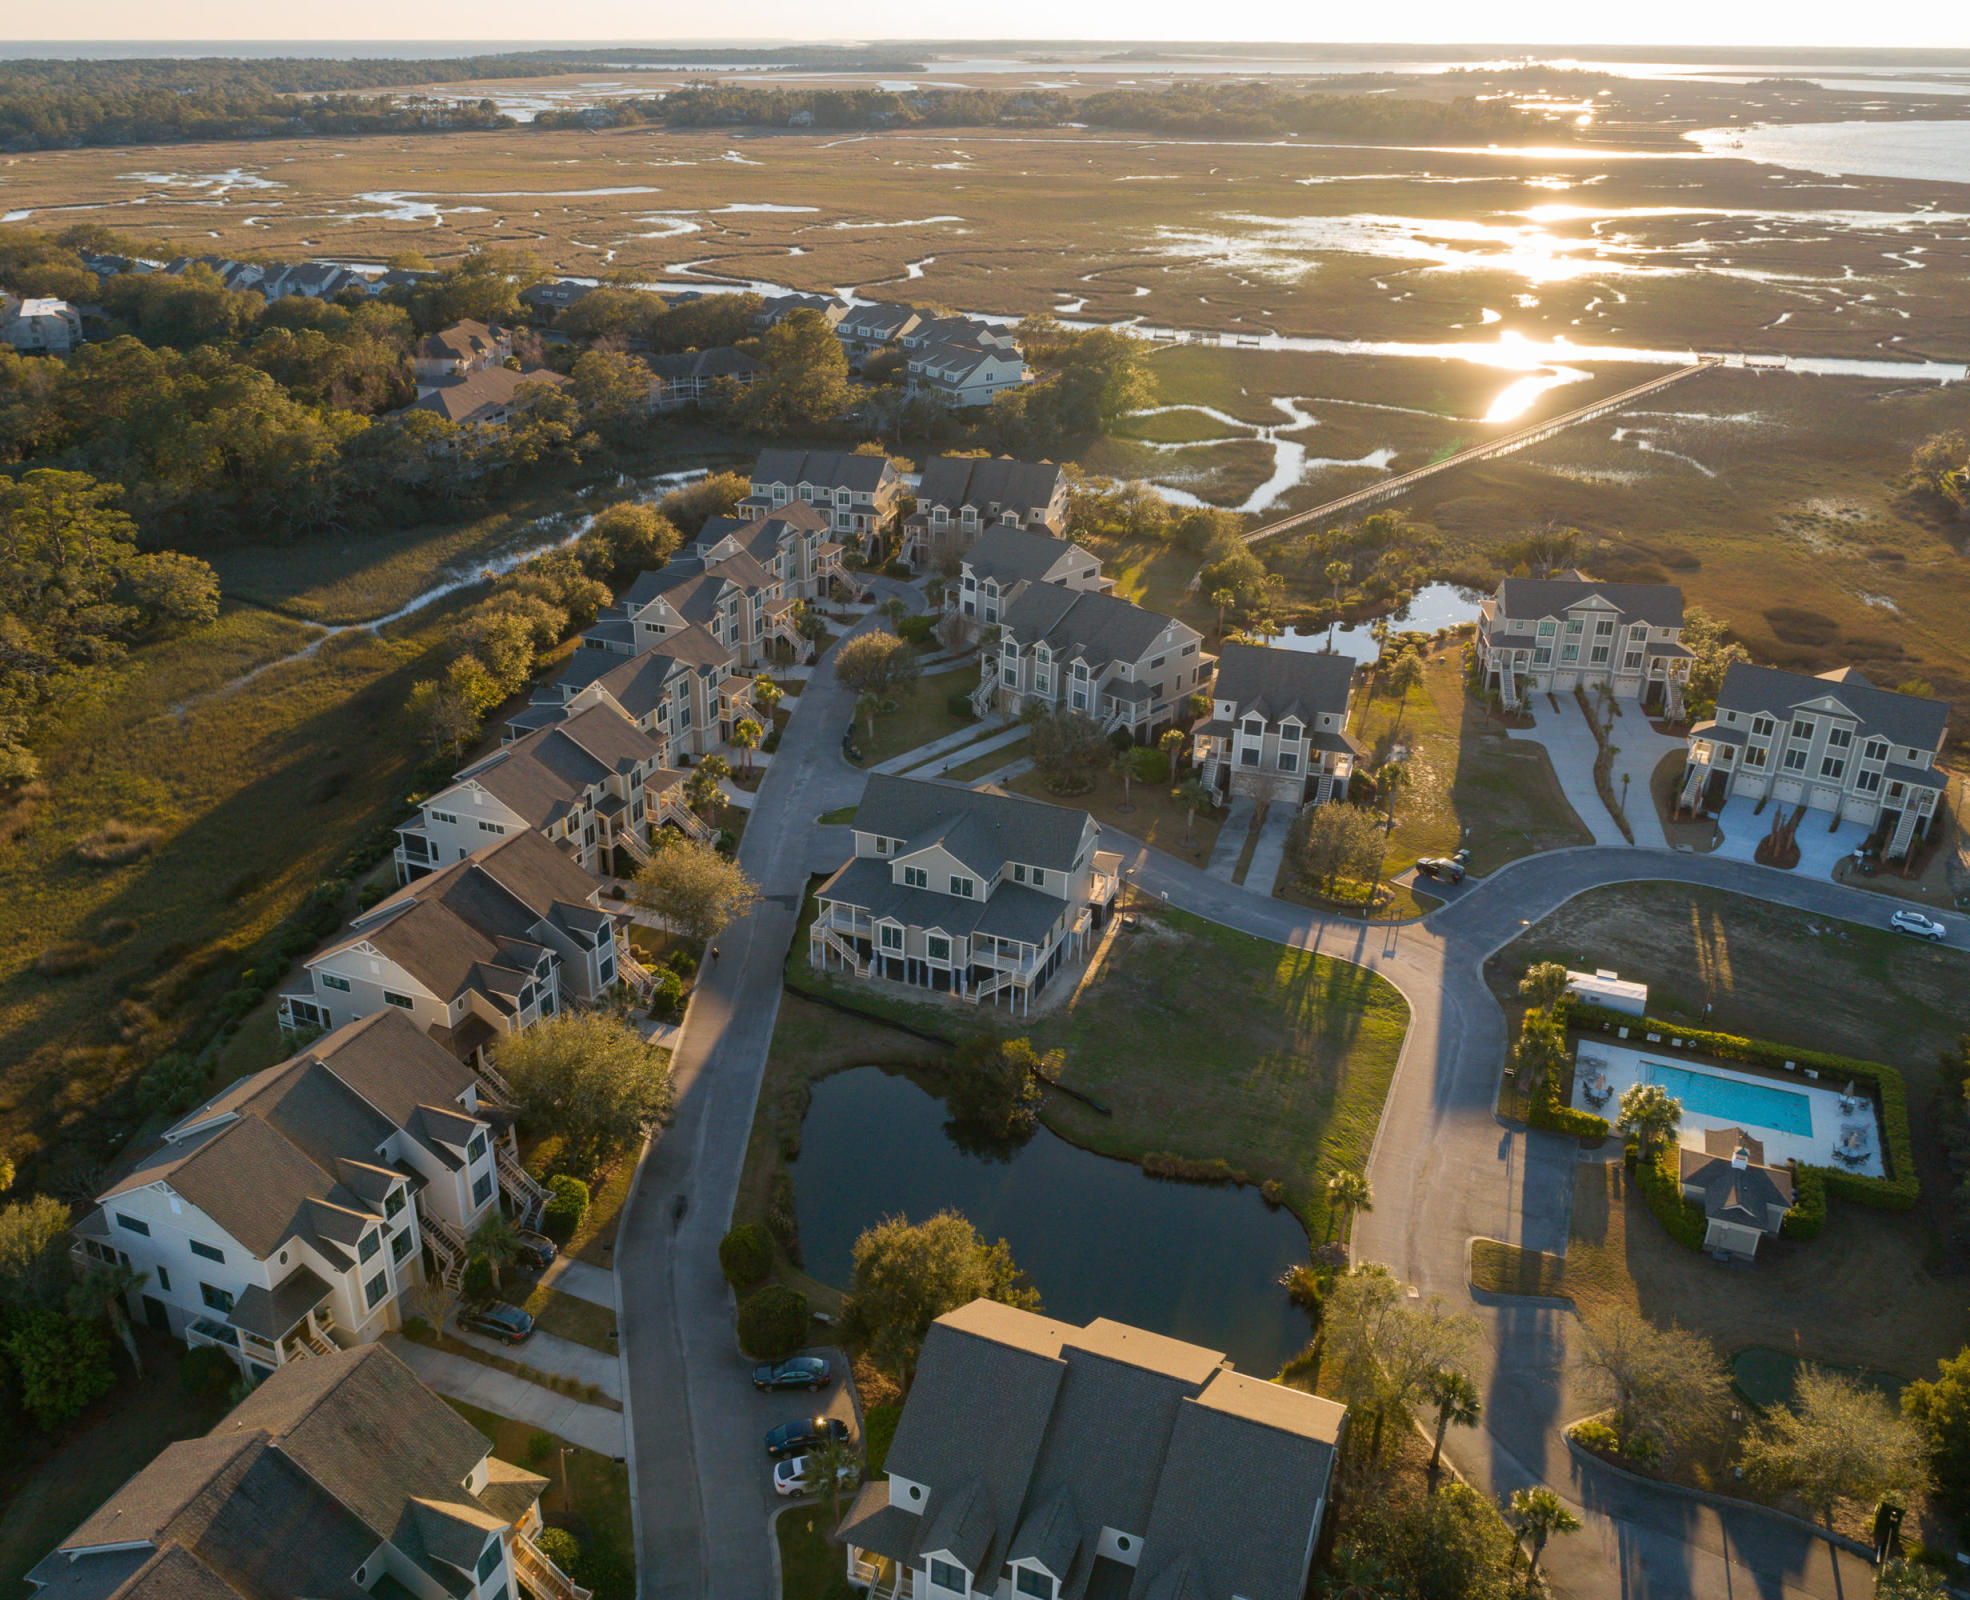 Seabrook Island Homes For Sale - 1114 Emmaline, Seabrook Island, SC - 6